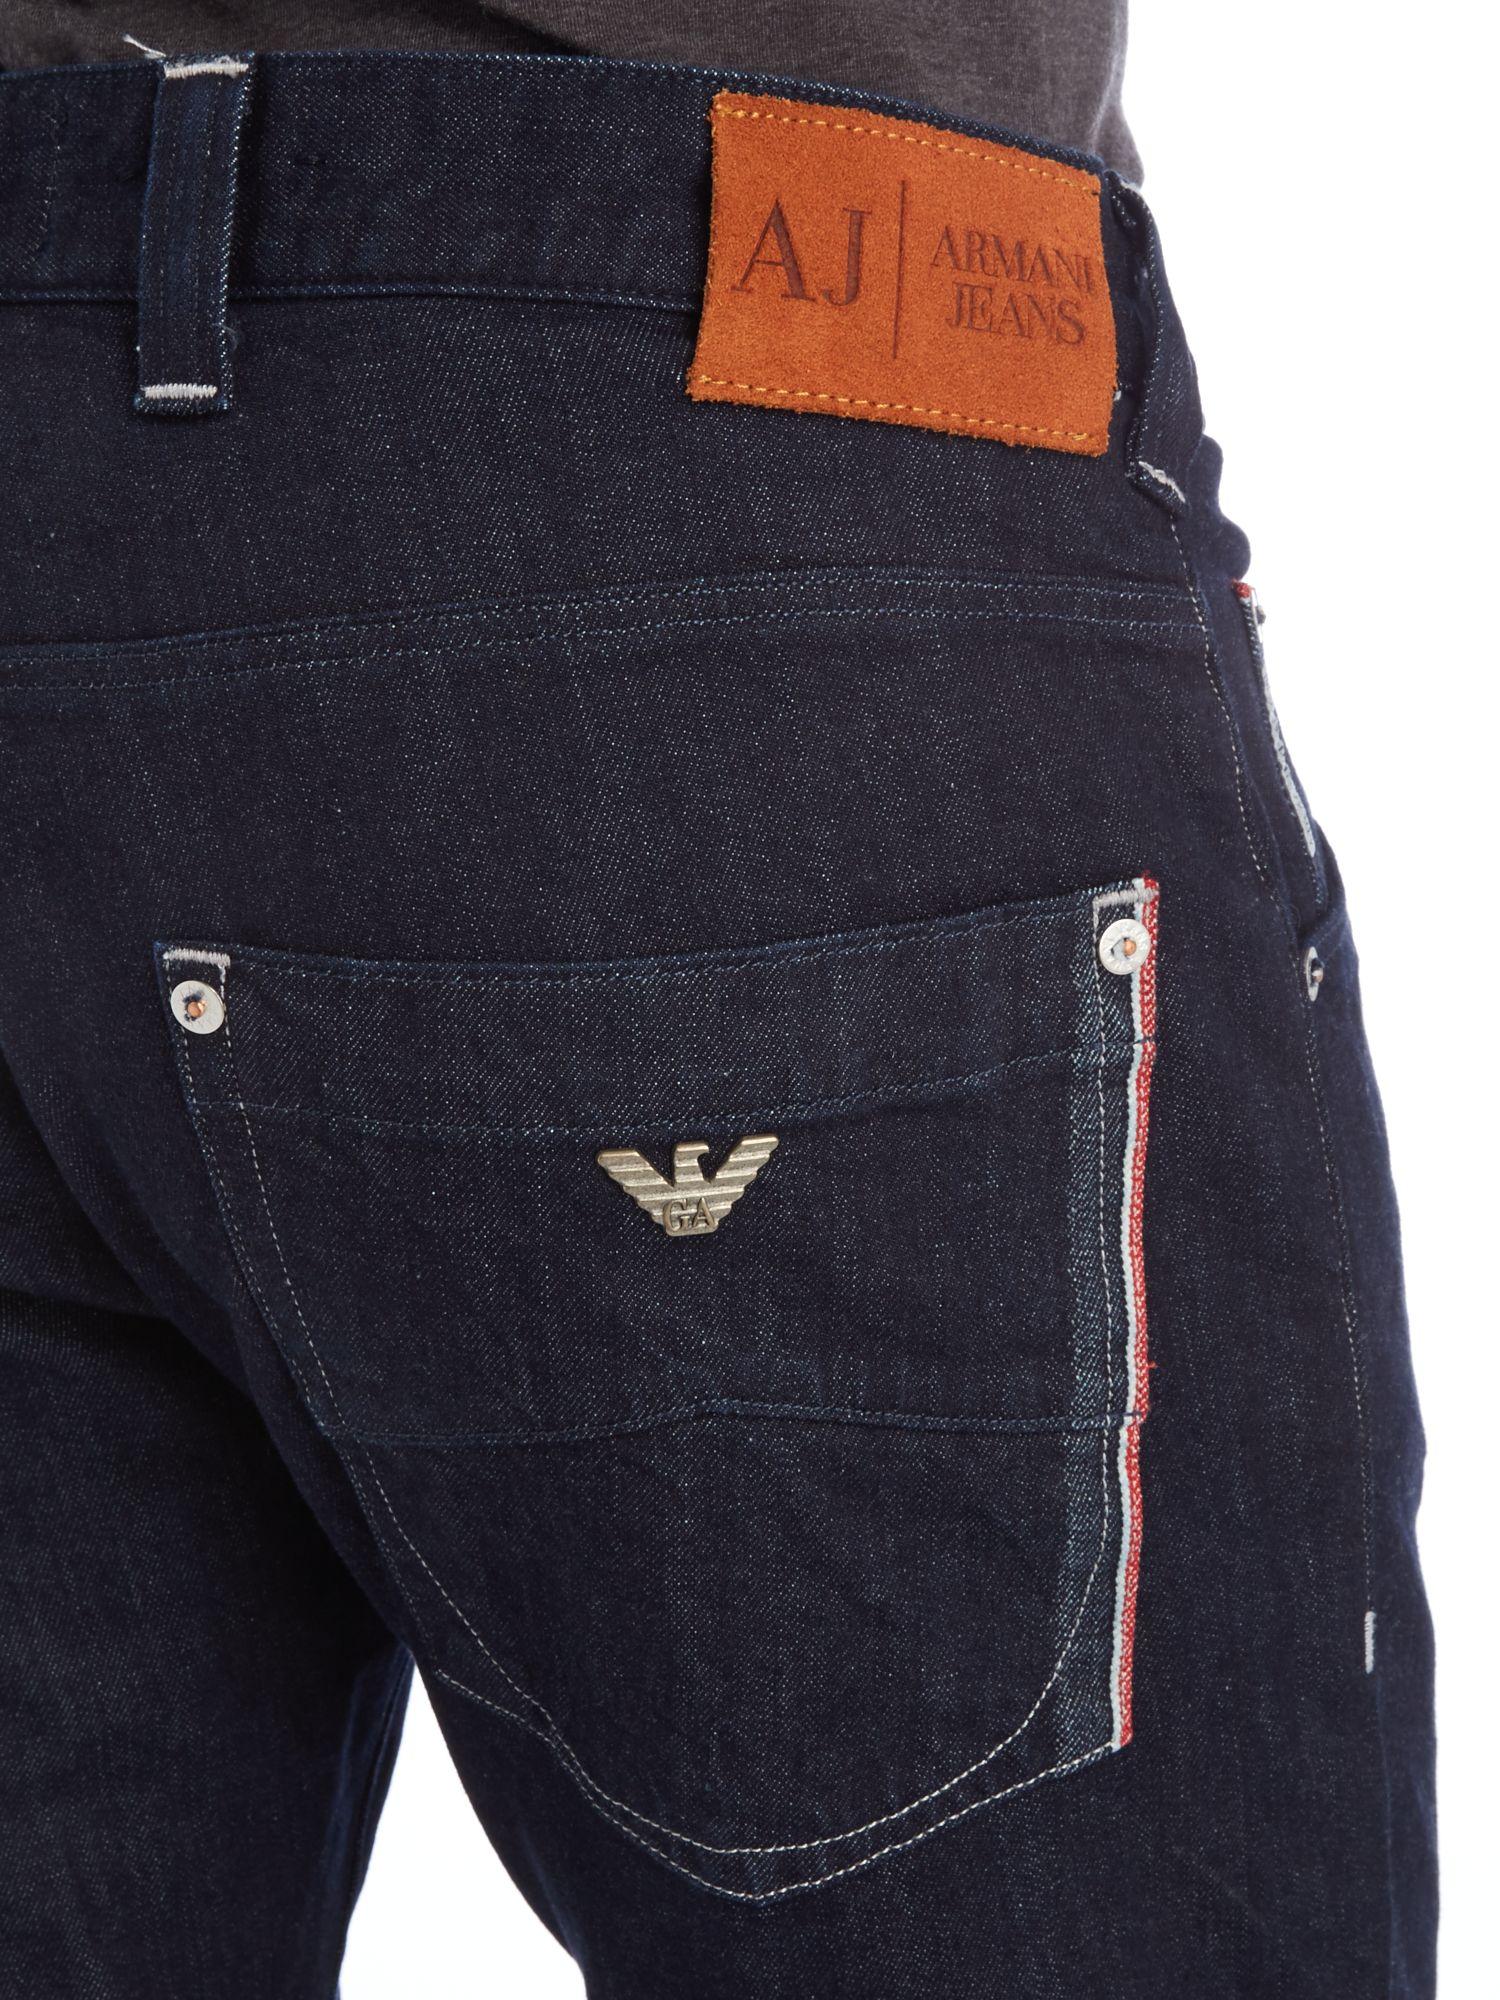 Armani Jeans J08 Regular Slim Fit Pocket Detail In Black